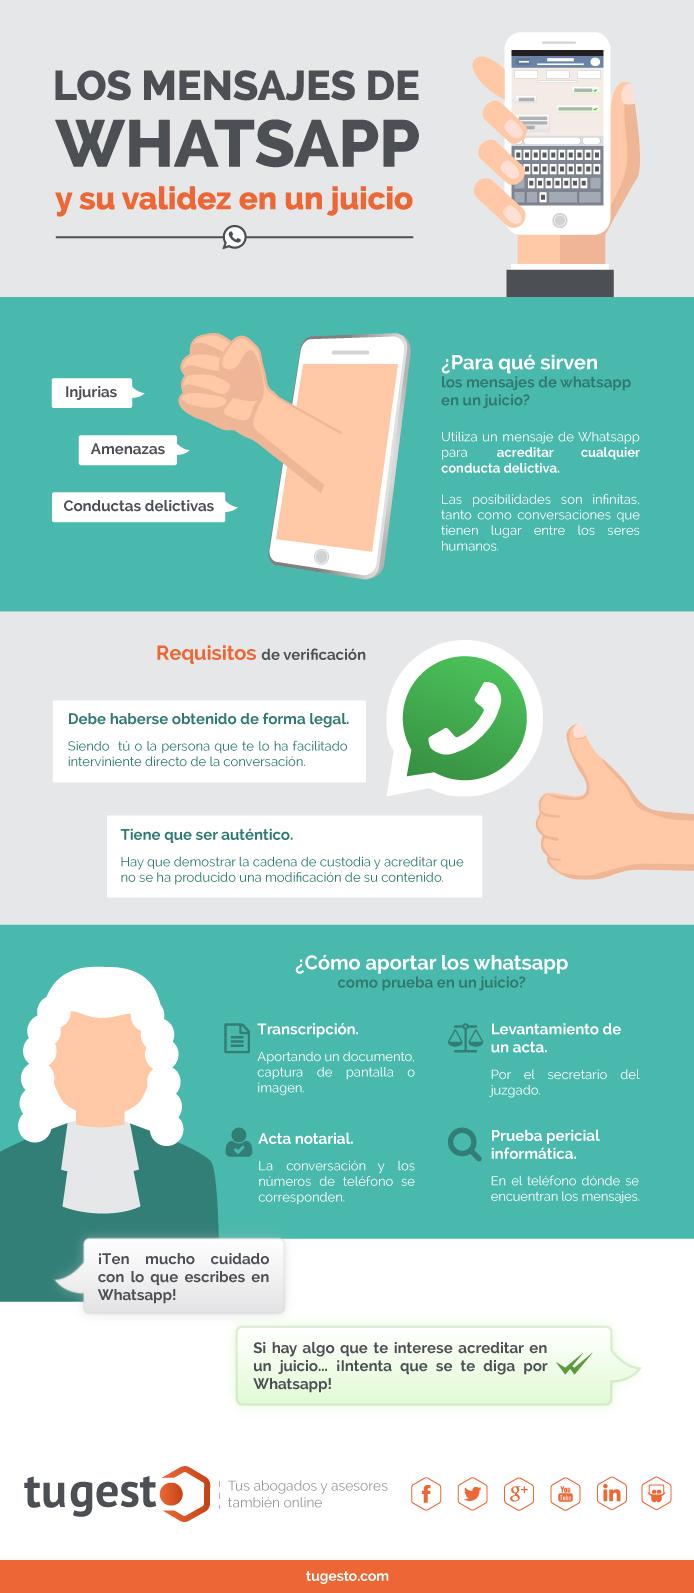 Infografía mensajes de whatsapp en un juicio